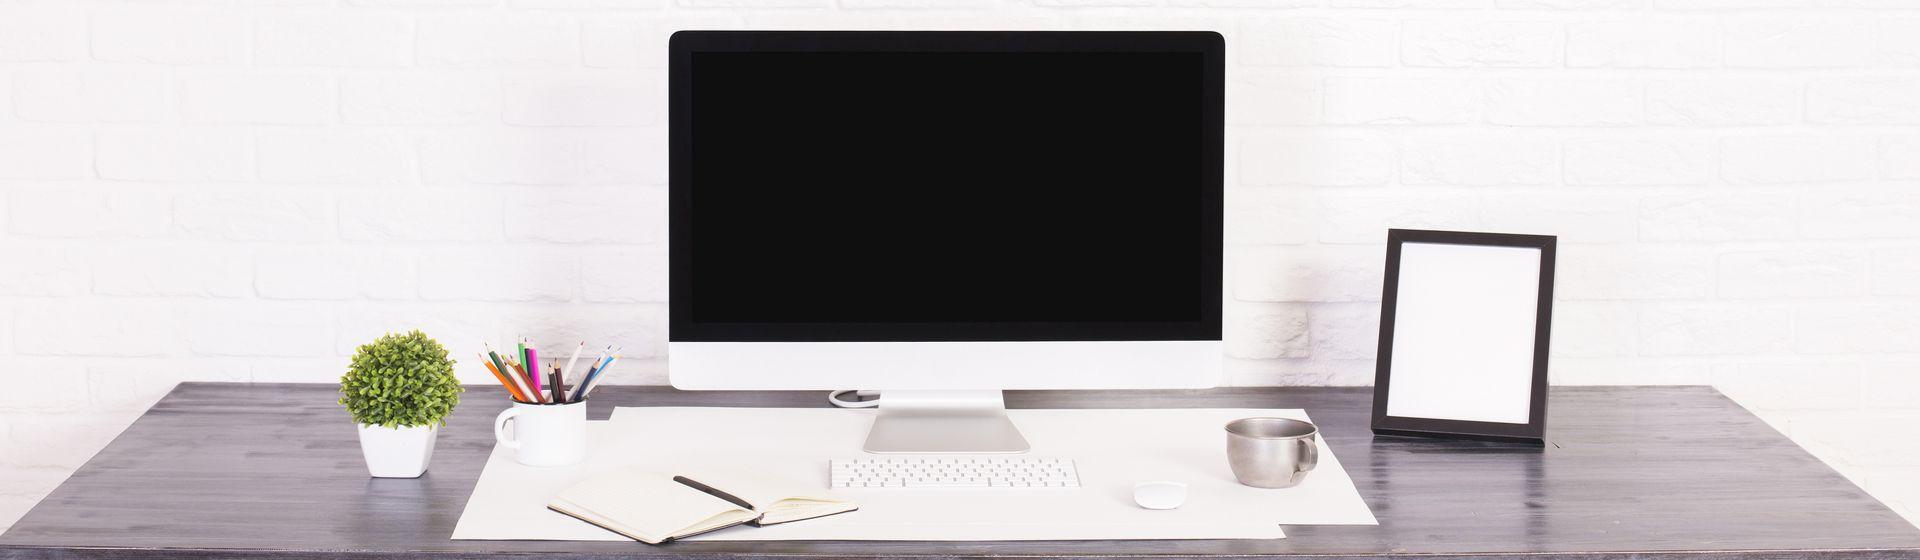 O que são computadores all-in-one?